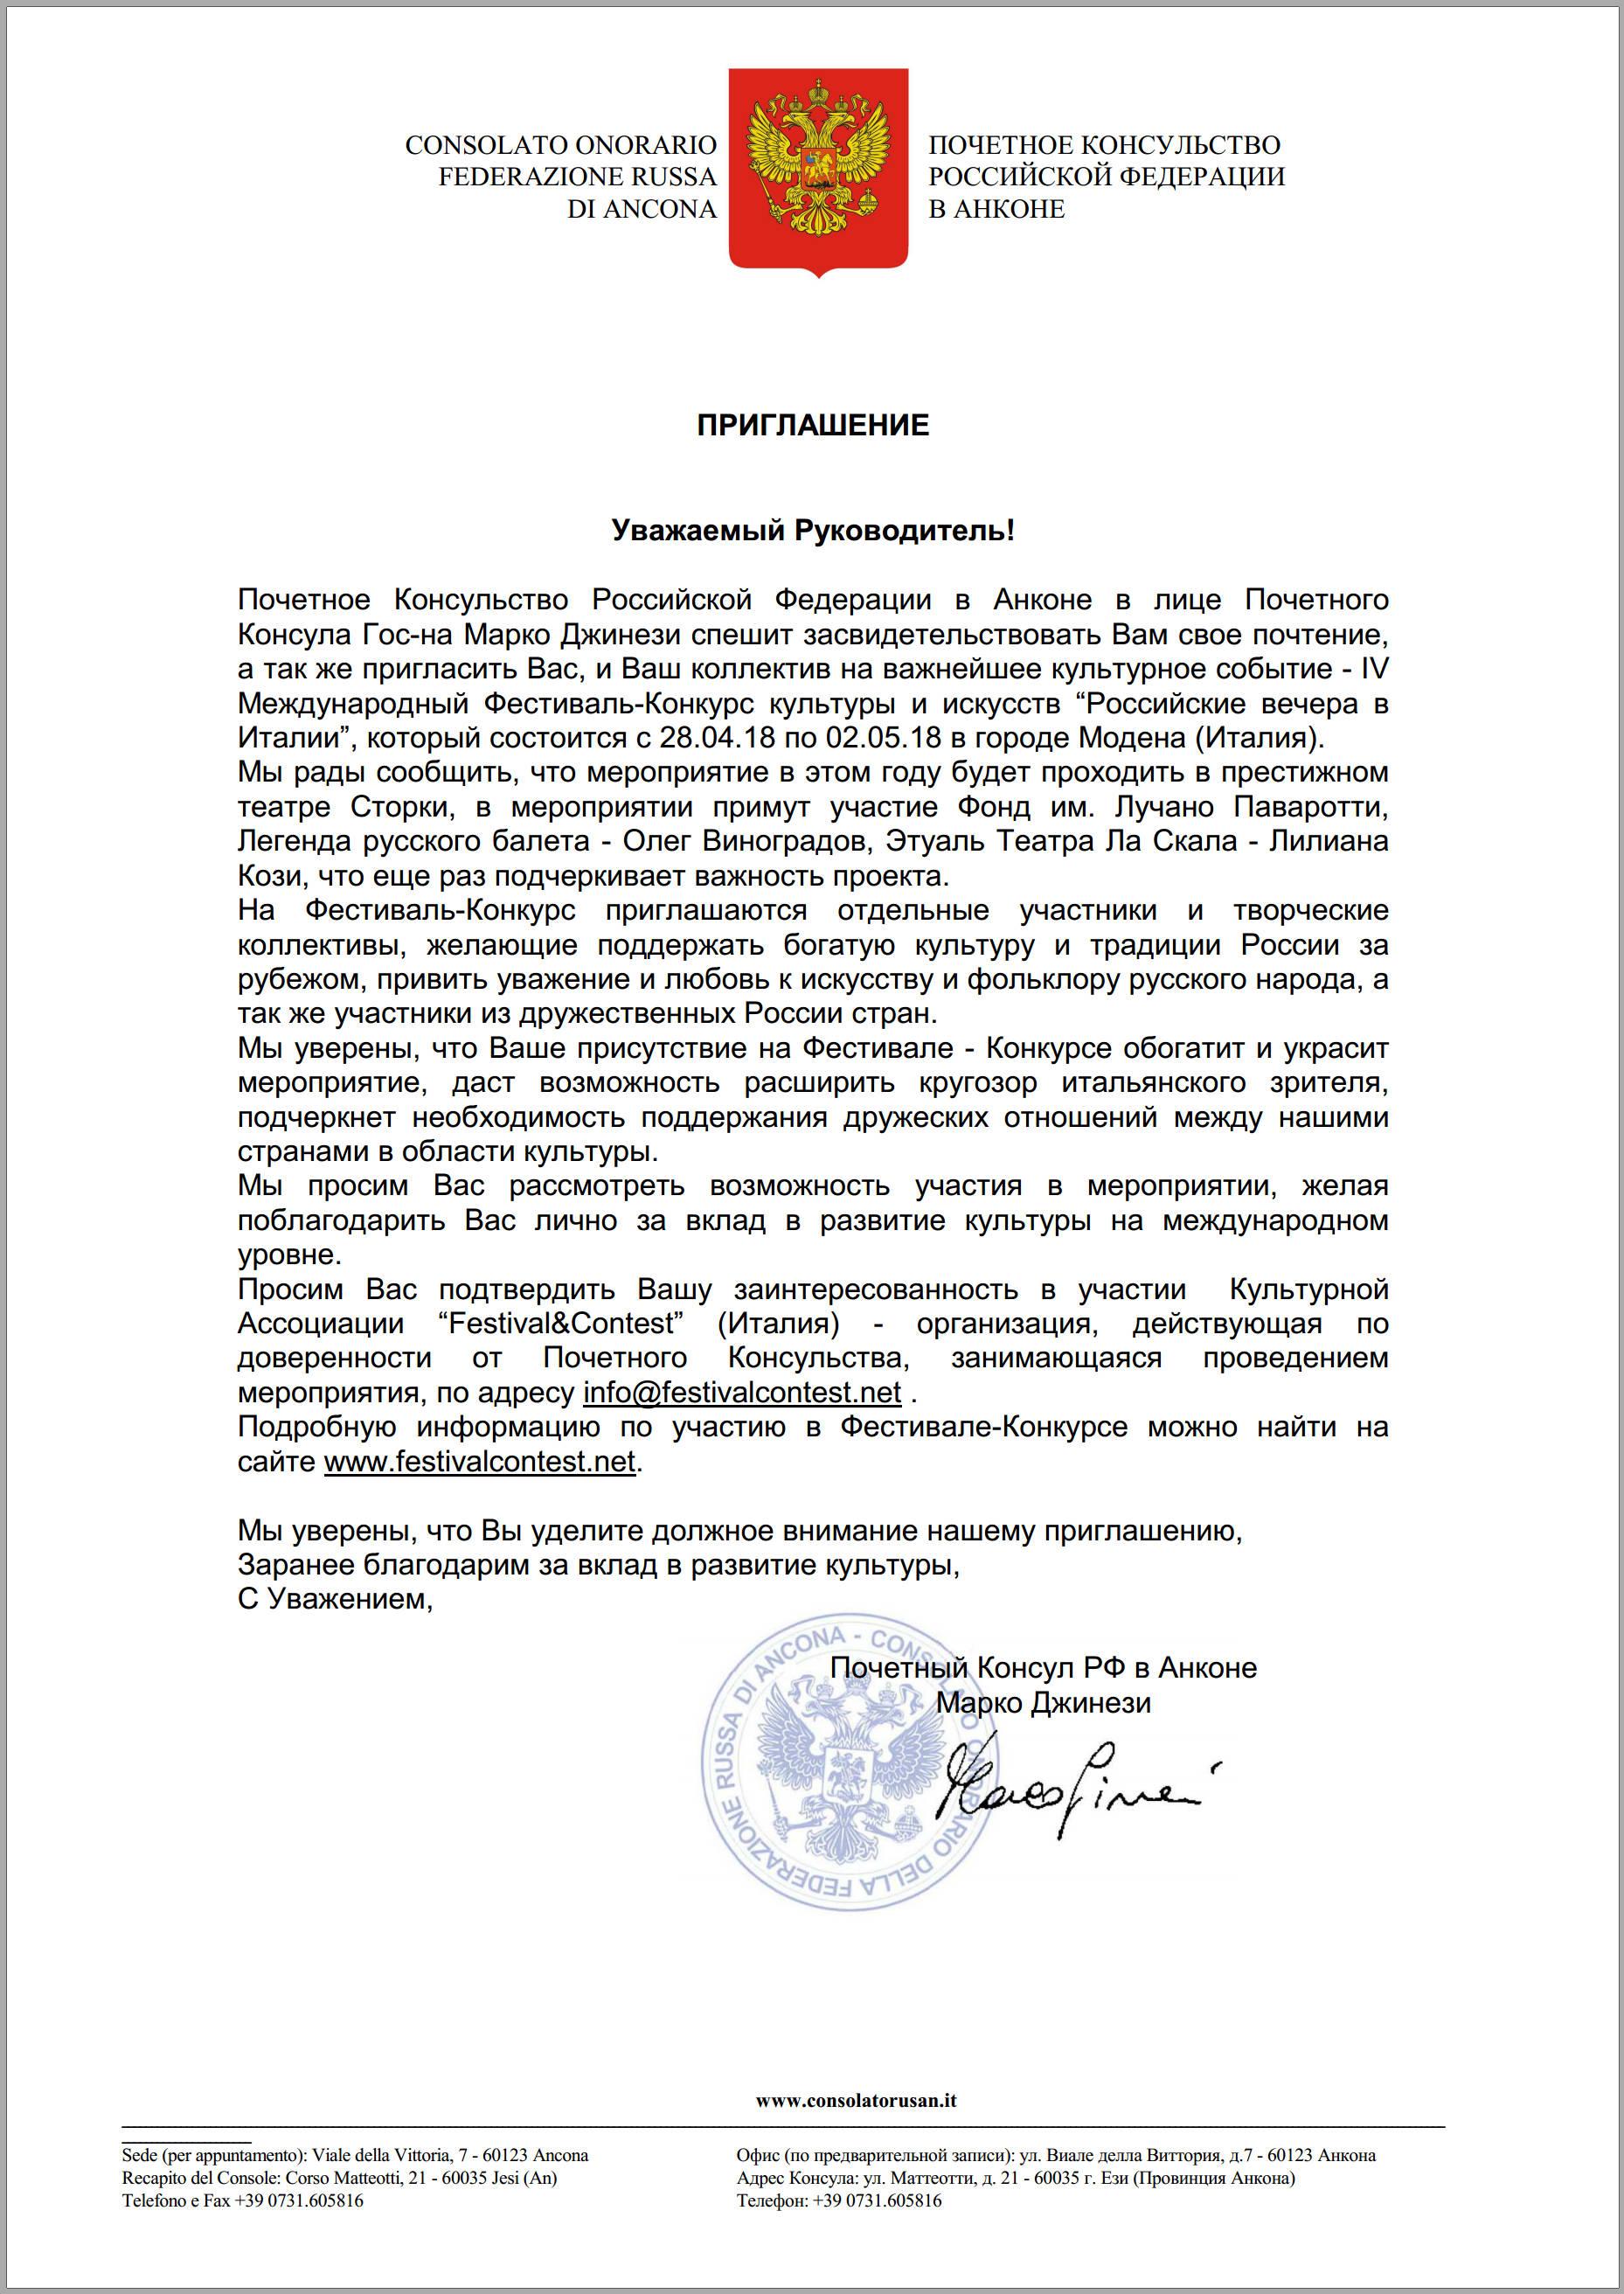 Официальное письмо от Почетного Консула РФ